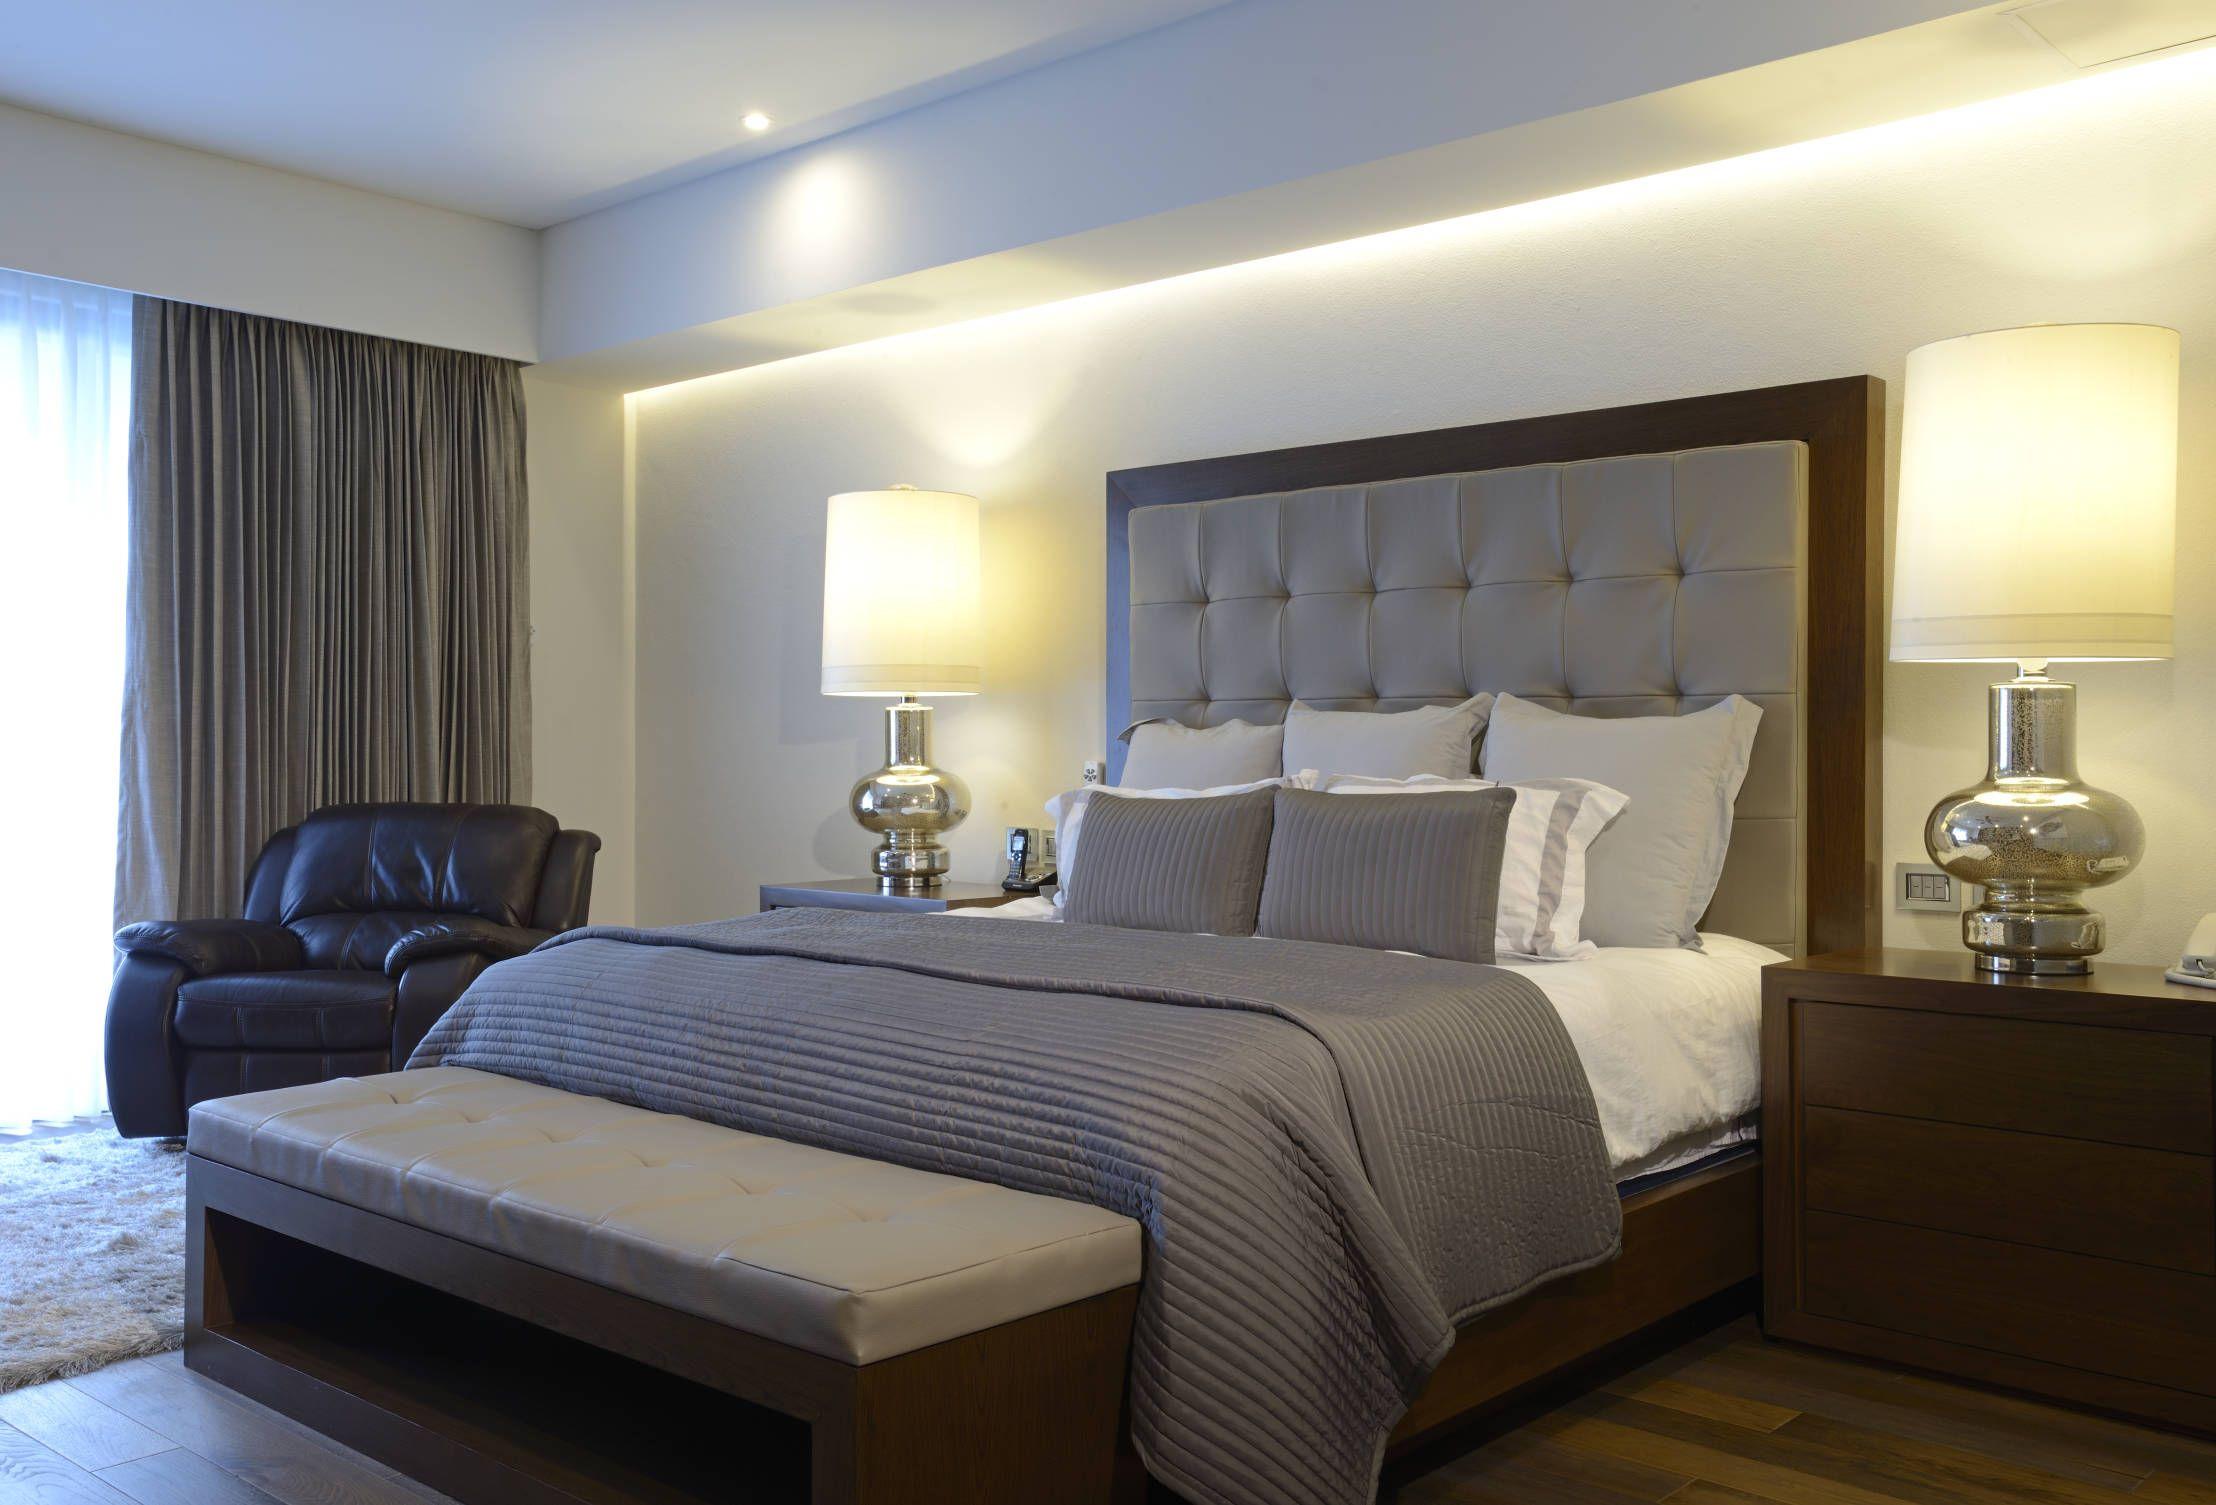 Una casa moderna con un interior realmente hermoso casa - Interiorismo y decoracion moderna ...